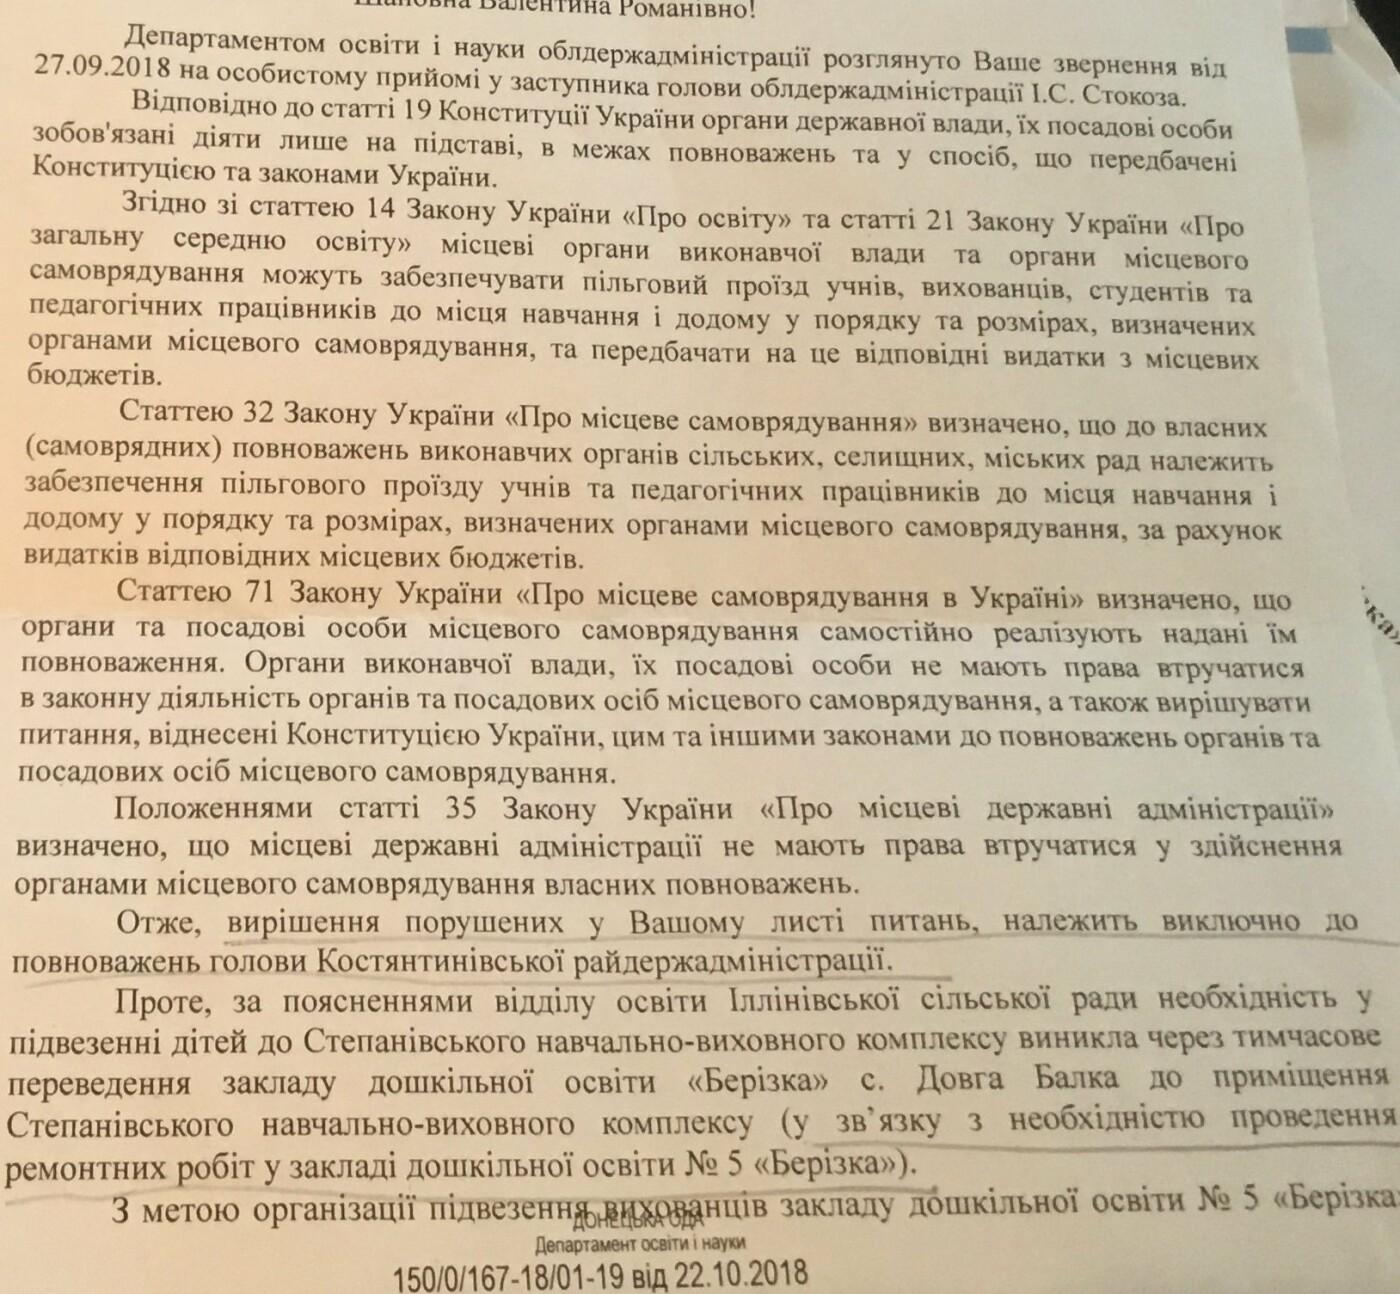 Дошкільнята з села Довга Балка Костянтинівського району не отримують належної освіти, фото-2